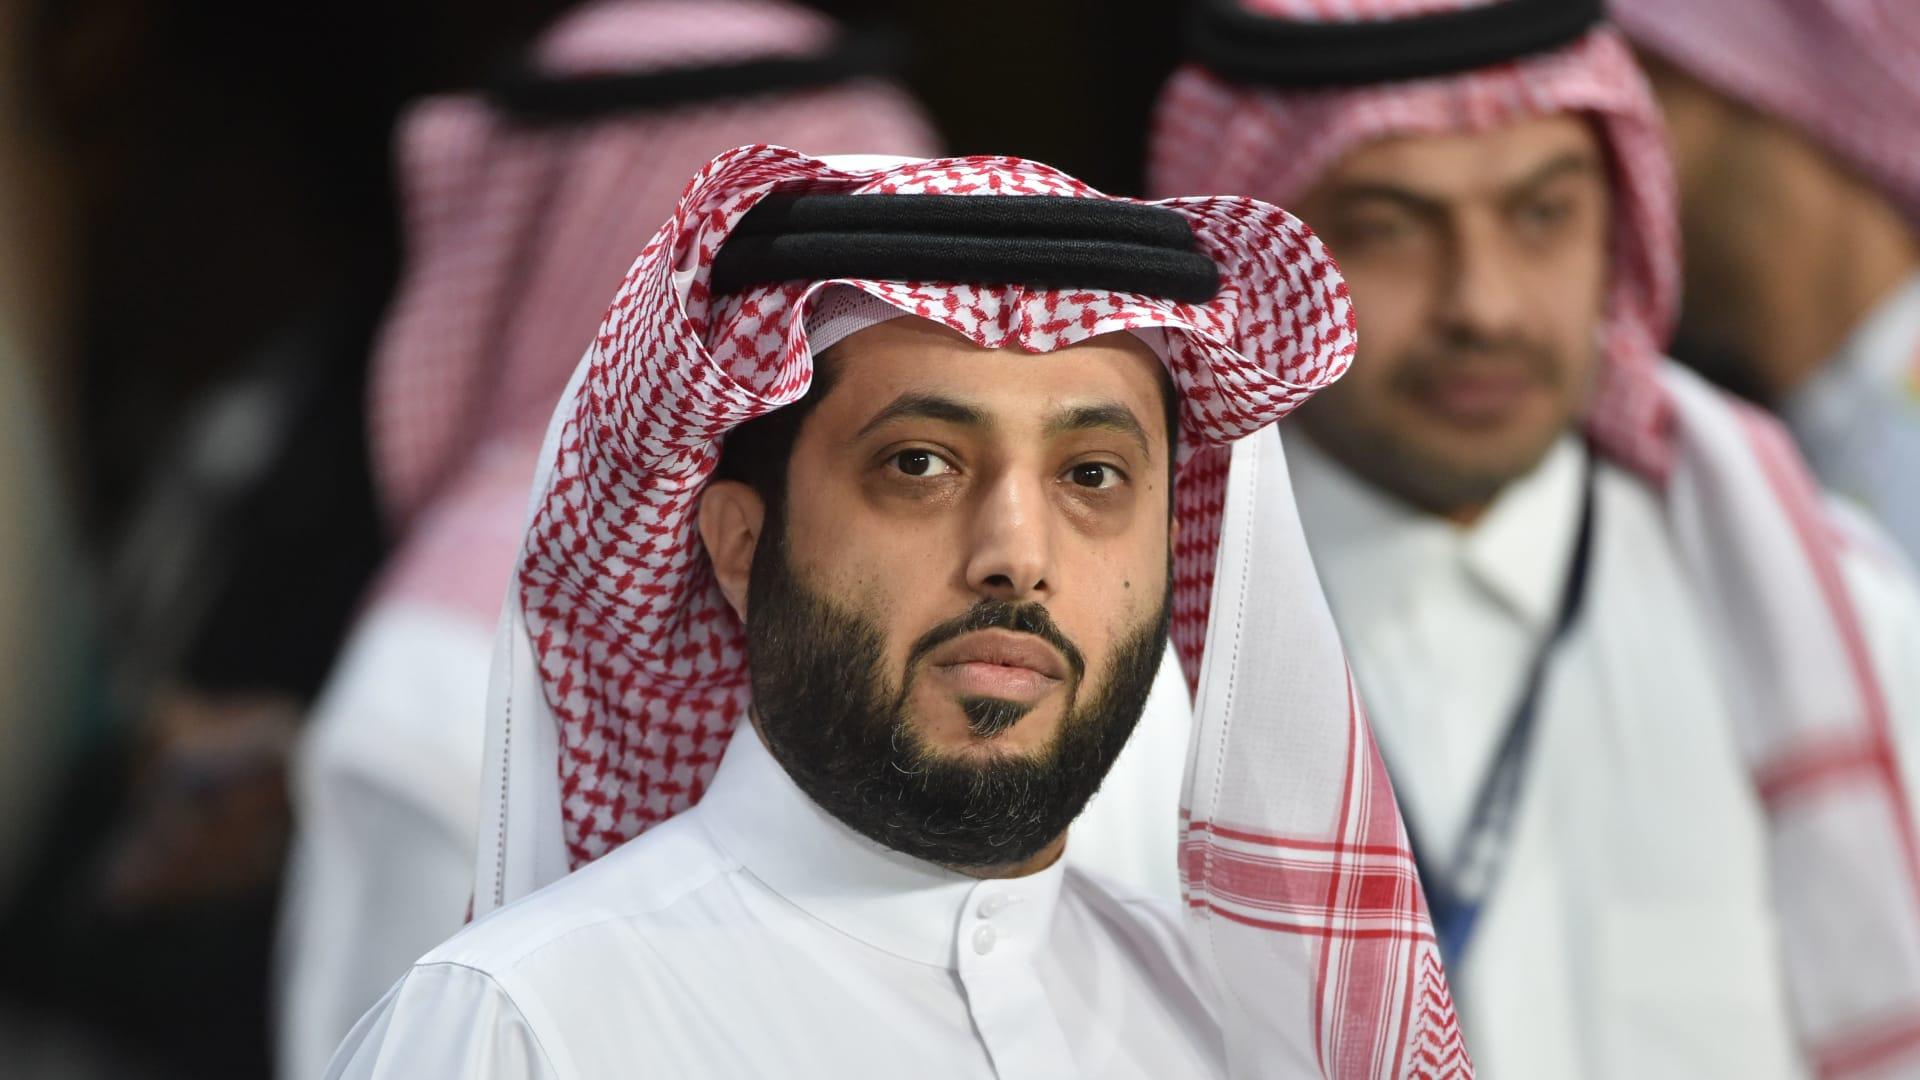 """تركي آل الشيخ يجري عملية جراحية """"صعبة"""" لوقف نزيف دام 3 أشهر"""